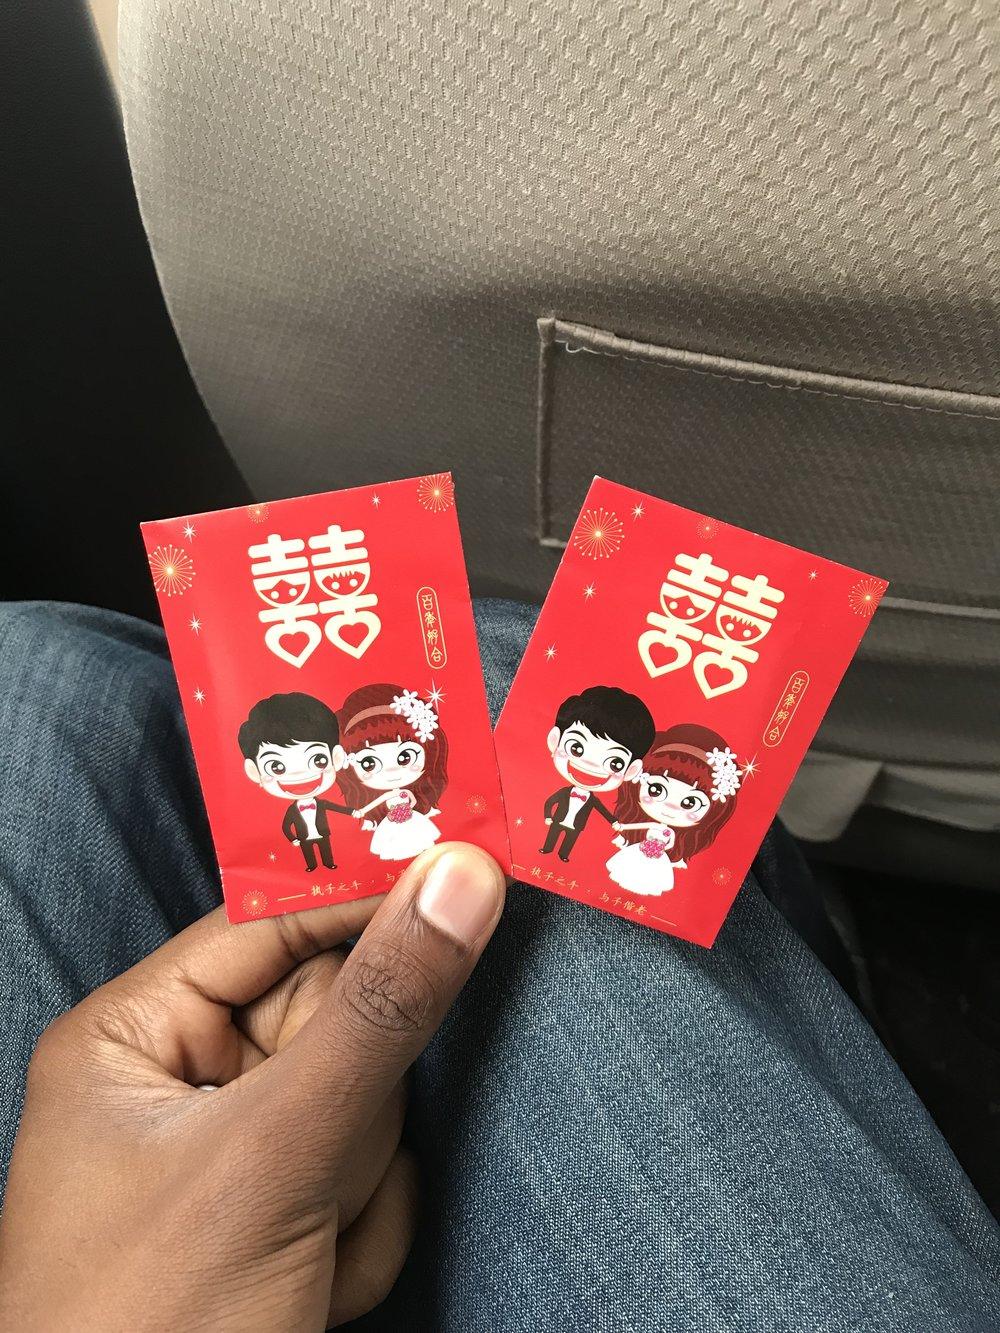 هدايا الحضور - نقود من فئة ١ يوان يتم توزيعها على الحضور